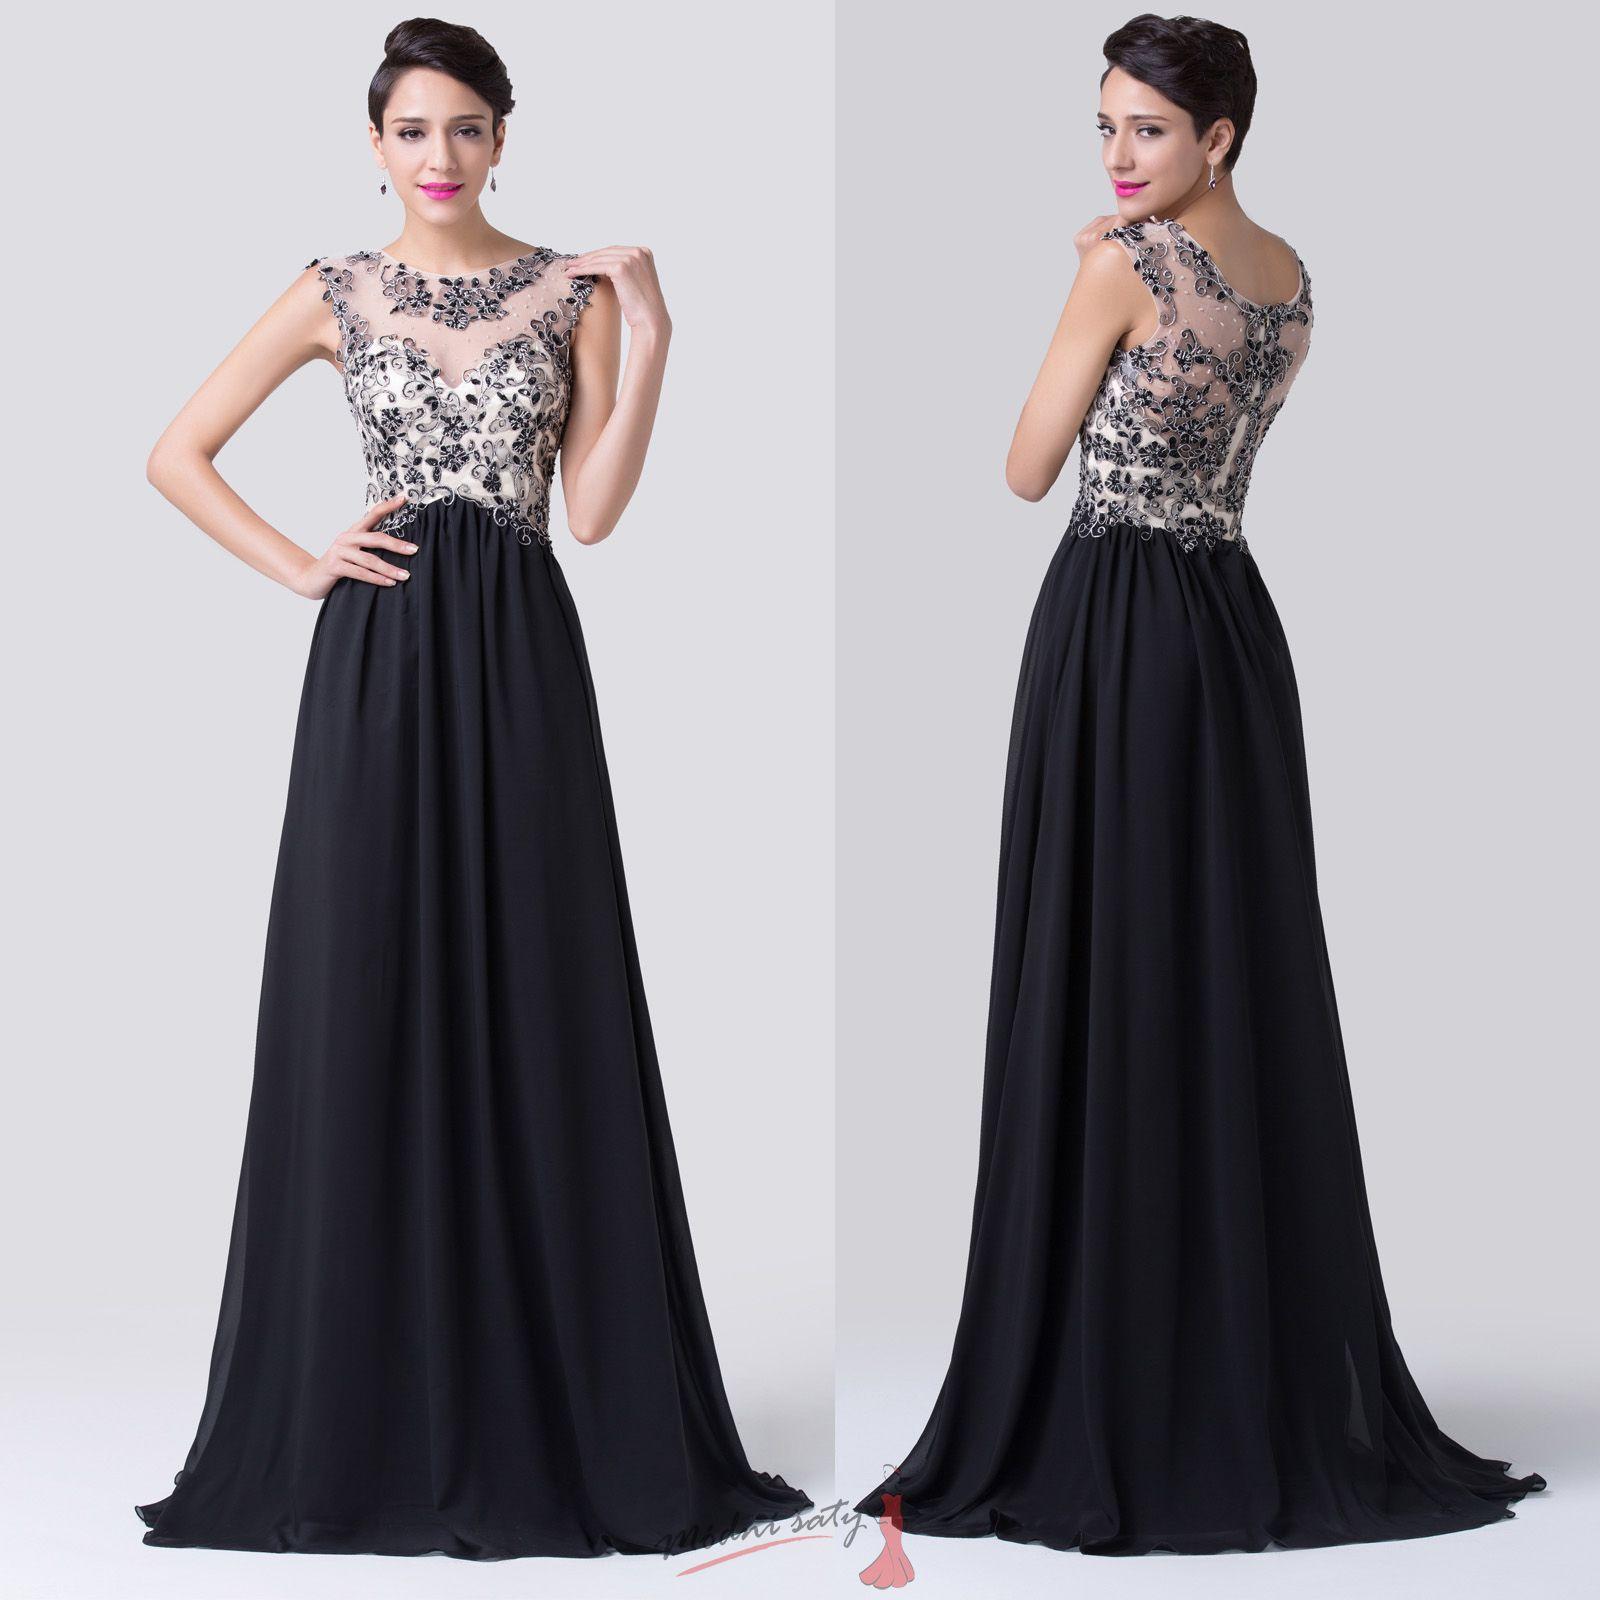 Společenské černé šaty s krajkou 2db1febdb64